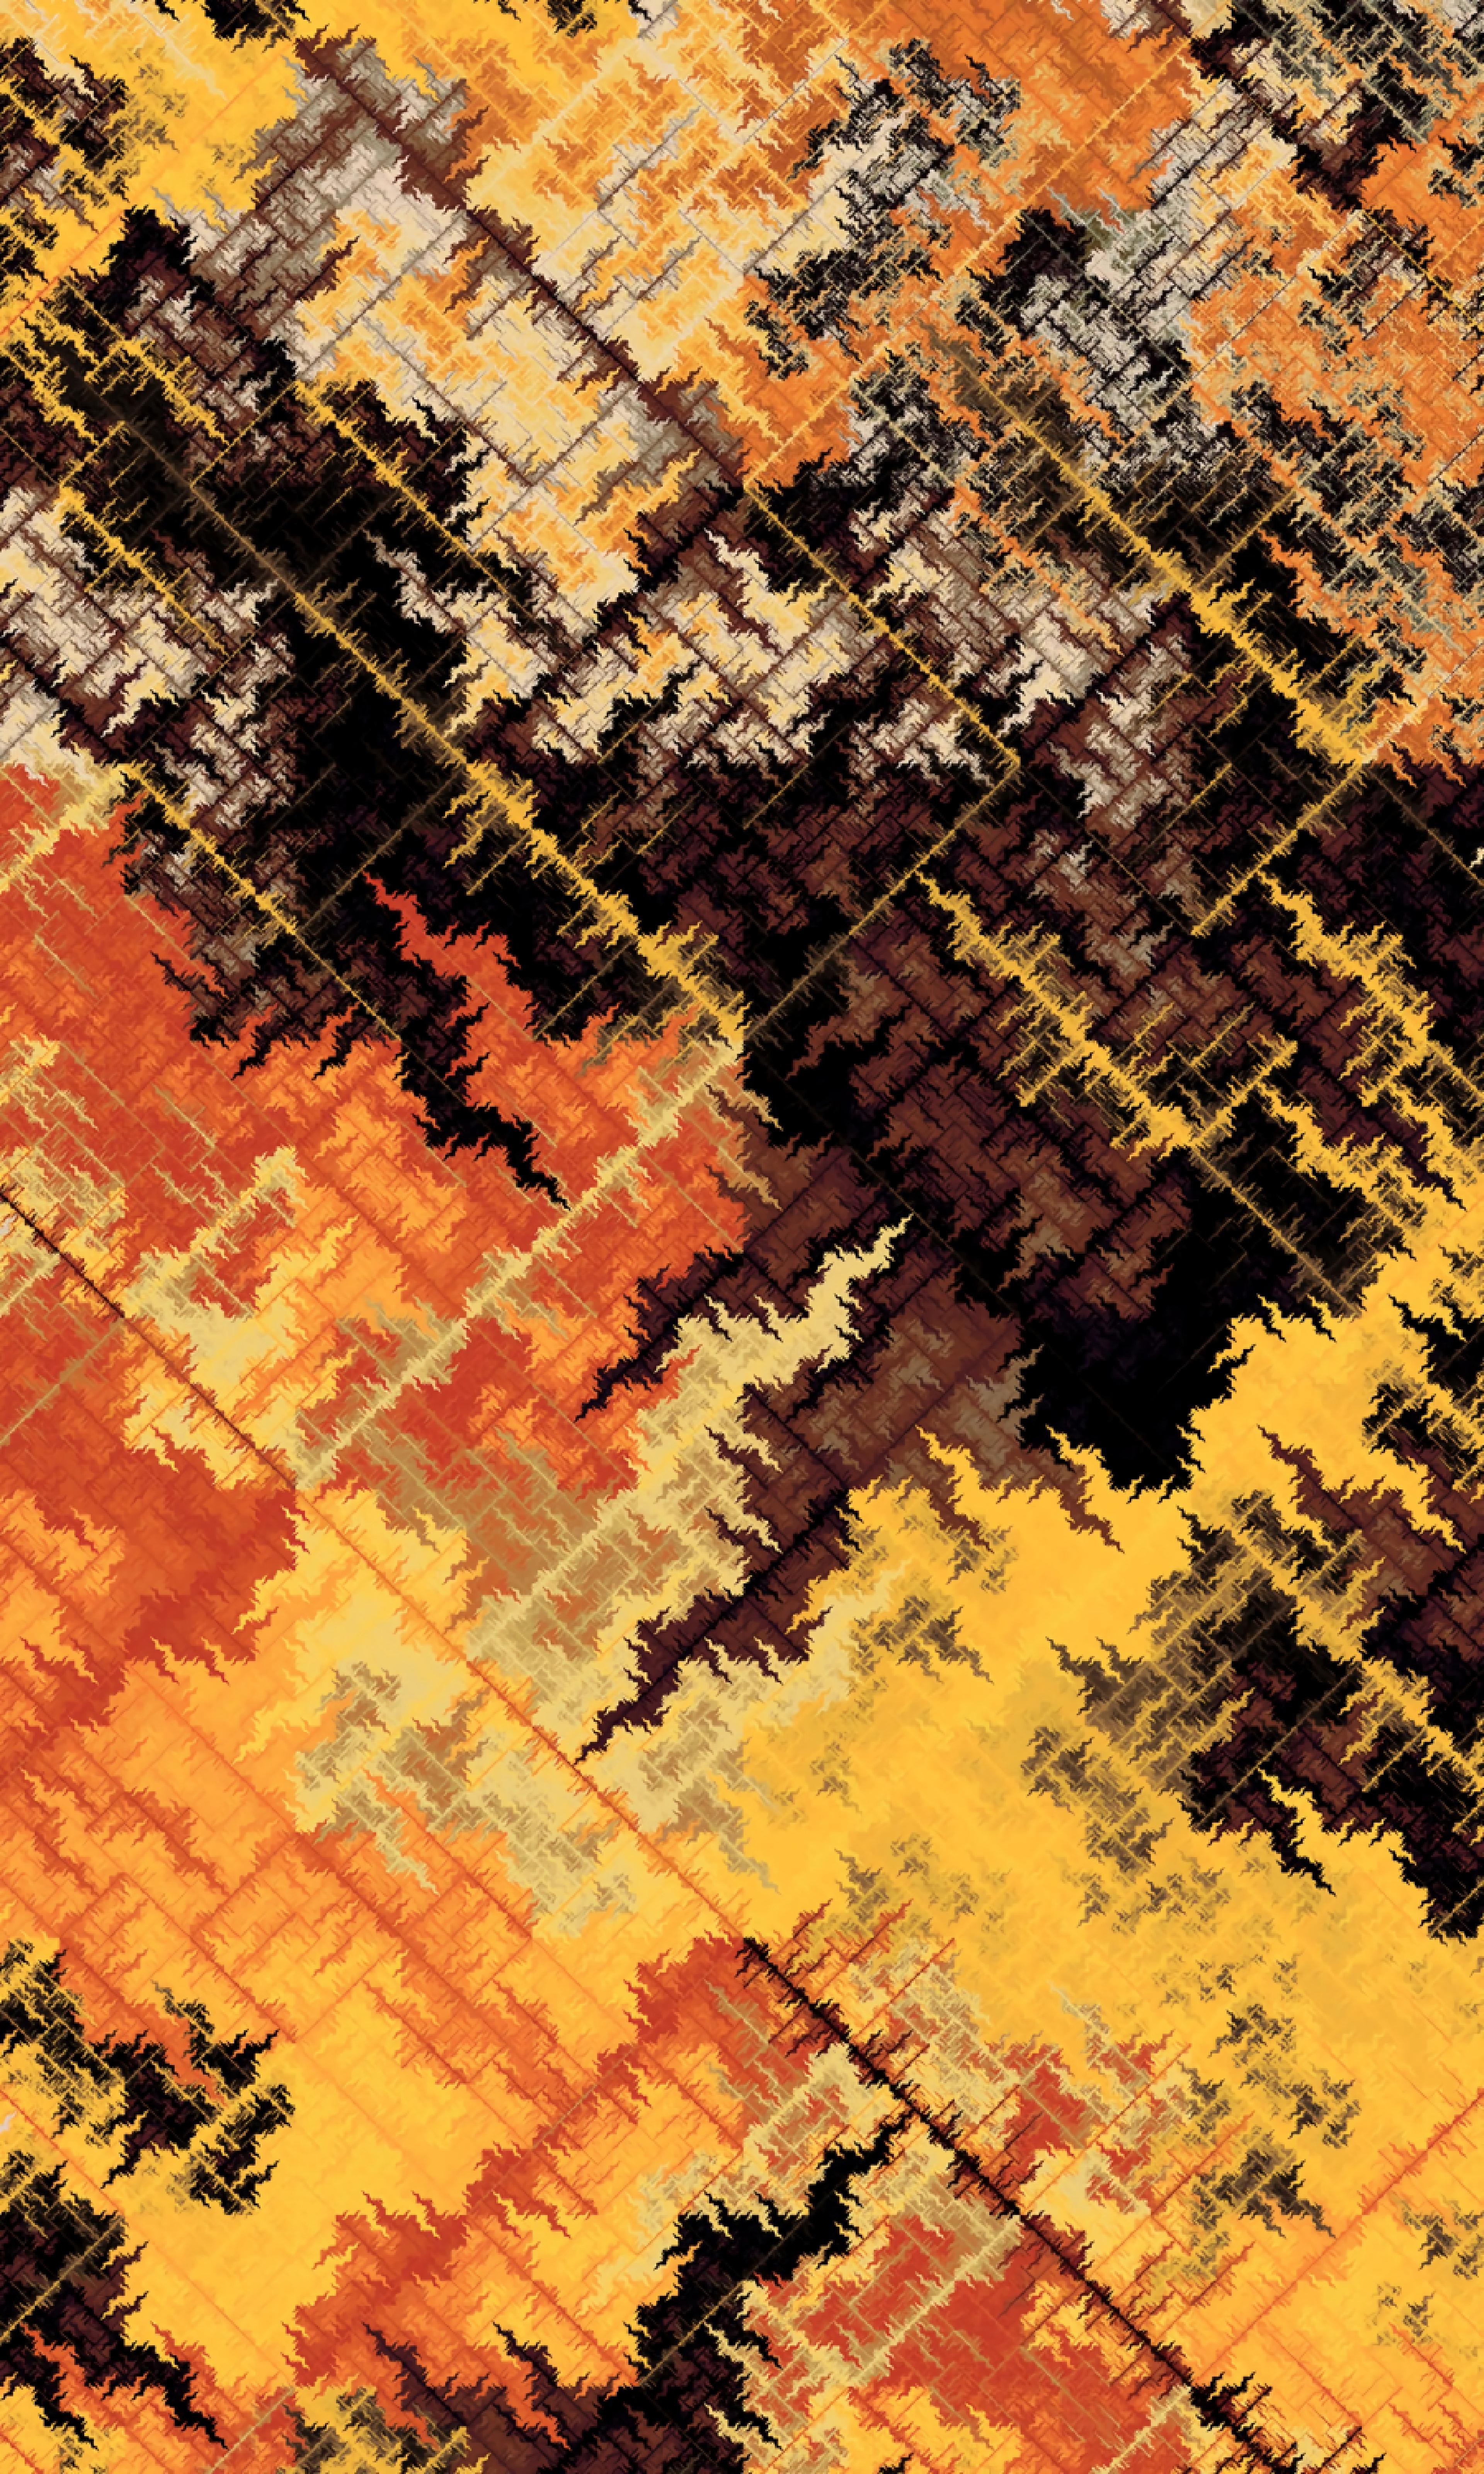 119515 Protetores de tela e papéis de parede Abstrato em seu telefone. Baixe Abstrato, Multicolorido, Motley, Padrão, Linhas, Fractal fotos gratuitamente